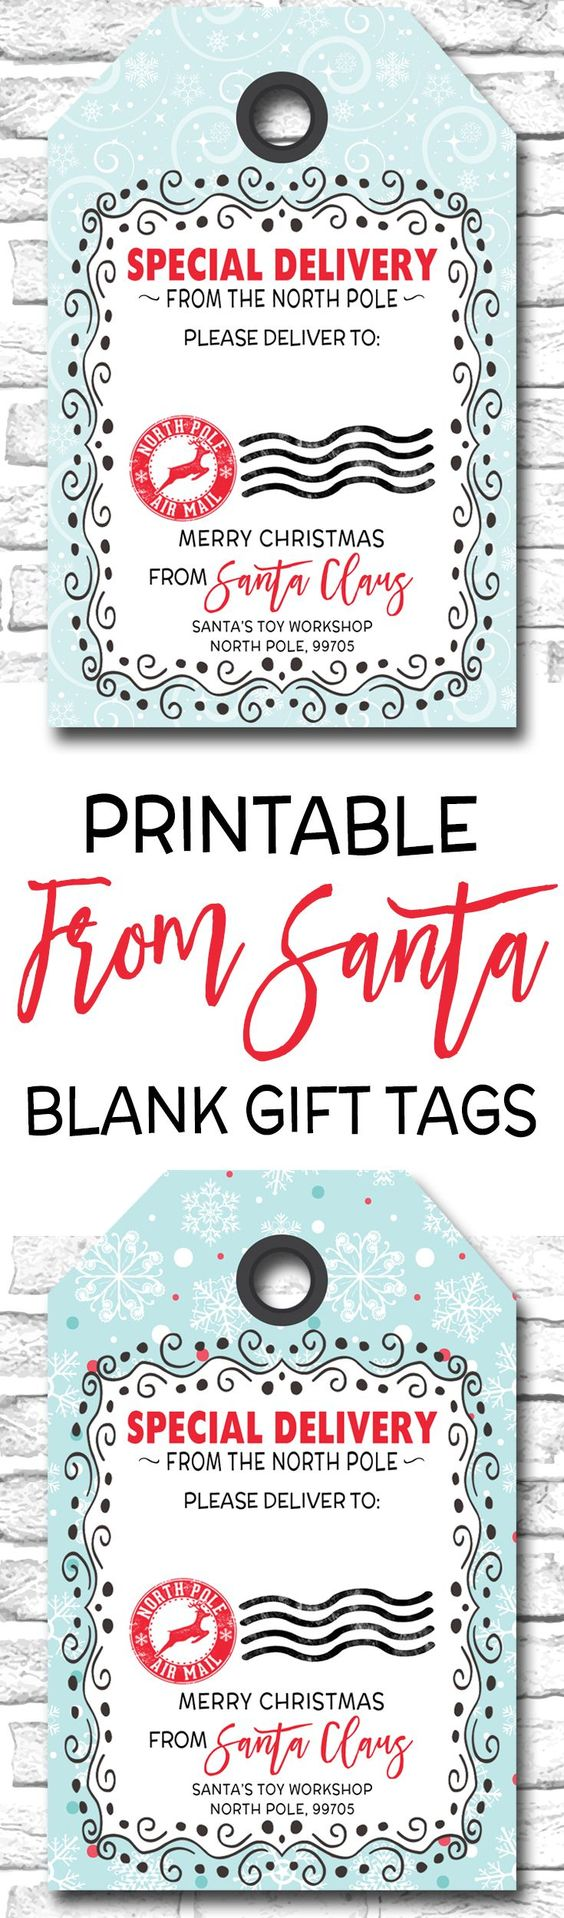 printable holiday gift tags blank from santa gift tags